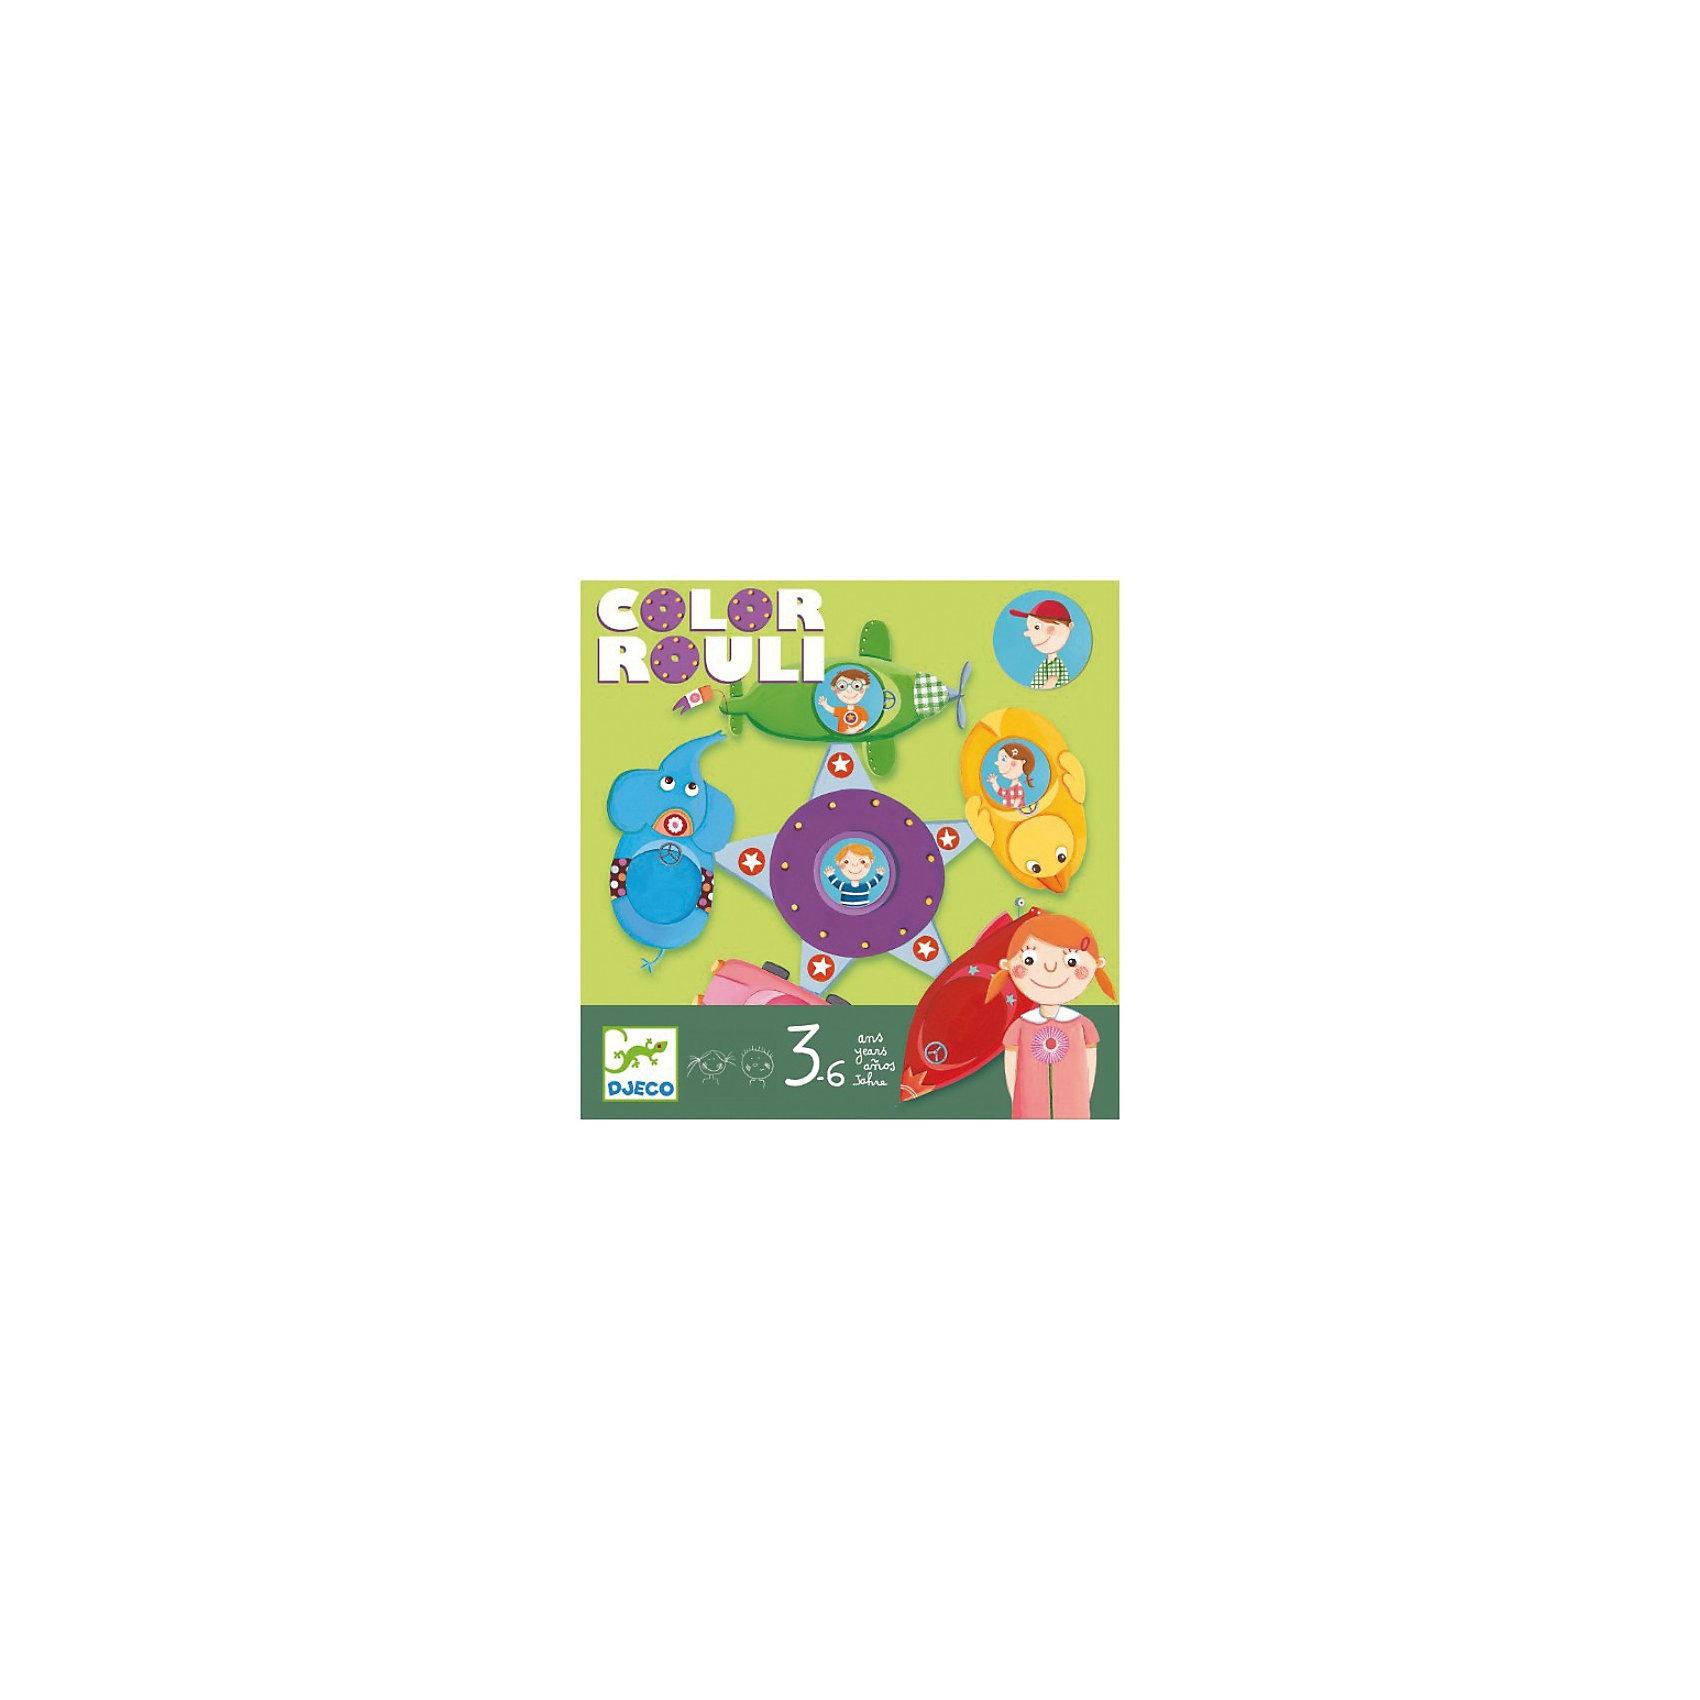 Настольная игра Цветное путешествие, DJECOИгры для развлечений<br>Цветное путешествие DJECO (Джеко)  - занимательная игра, которая увлечет компанию маленьких друзей. Перед началом игры раскладывается игровое поле - красочная карусель. Каждому игроку дается фишка с изображением мальчика или девочки. Игроки бросают кубик на котором обозначены цвета соответствующие местам на карусели и пытаются попасть на свое место. Цель игры - поместить свою фишку на карусель, участник, который первым попал на карусель становится победителем.<br><br>Дополнительная информация:<br><br>- В наборе: 1 игровой кубик, 1 игровое поле, 6 фишек.<br>- Материал: трехслойный картон.<br>- Размер упаковки: 21,4 х 21,4 х 5,5 см.<br>- Вес: 0,43 кг. <br><br>Настольную игру Цветное путешествие DJECO (Джеко) можно купить в нашем магазине.<br><br>Ширина мм: 210<br>Глубина мм: 210<br>Высота мм: 55<br>Вес г: 400<br>Возраст от месяцев: 36<br>Возраст до месяцев: 72<br>Пол: Унисекс<br>Возраст: Детский<br>SKU: 3193432